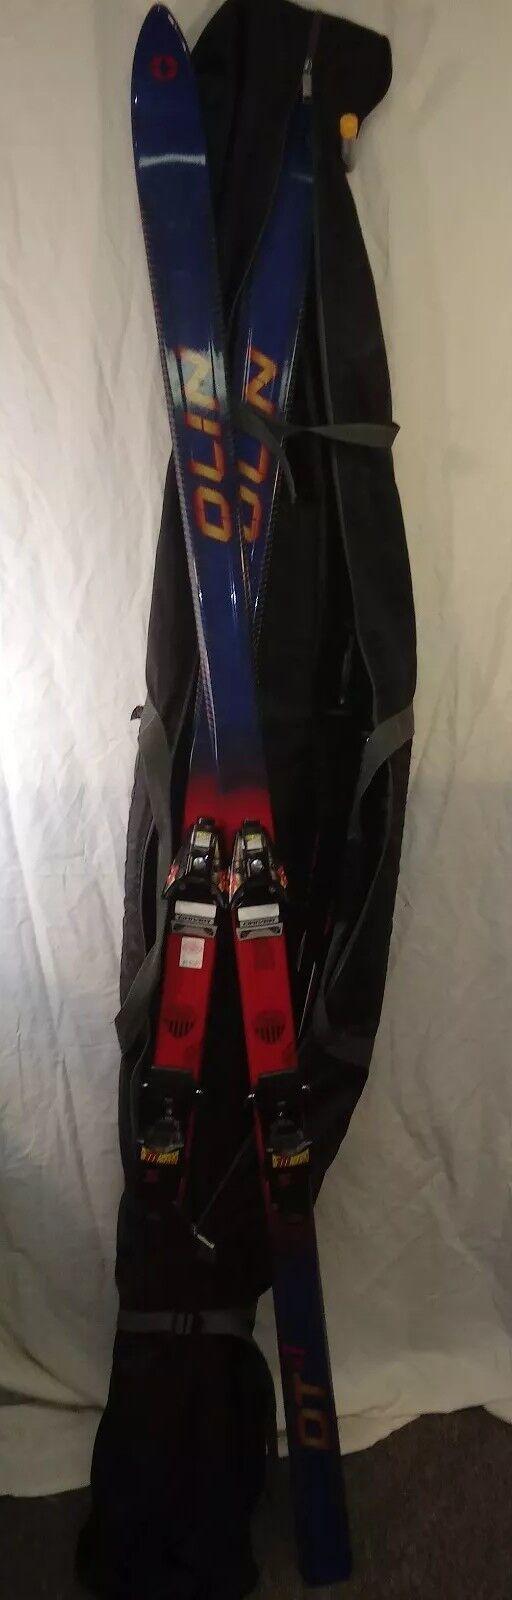 Olin DTsl Skis w  Salomon 777 Bindings, Kerma Vector Poles in Carrying Bag